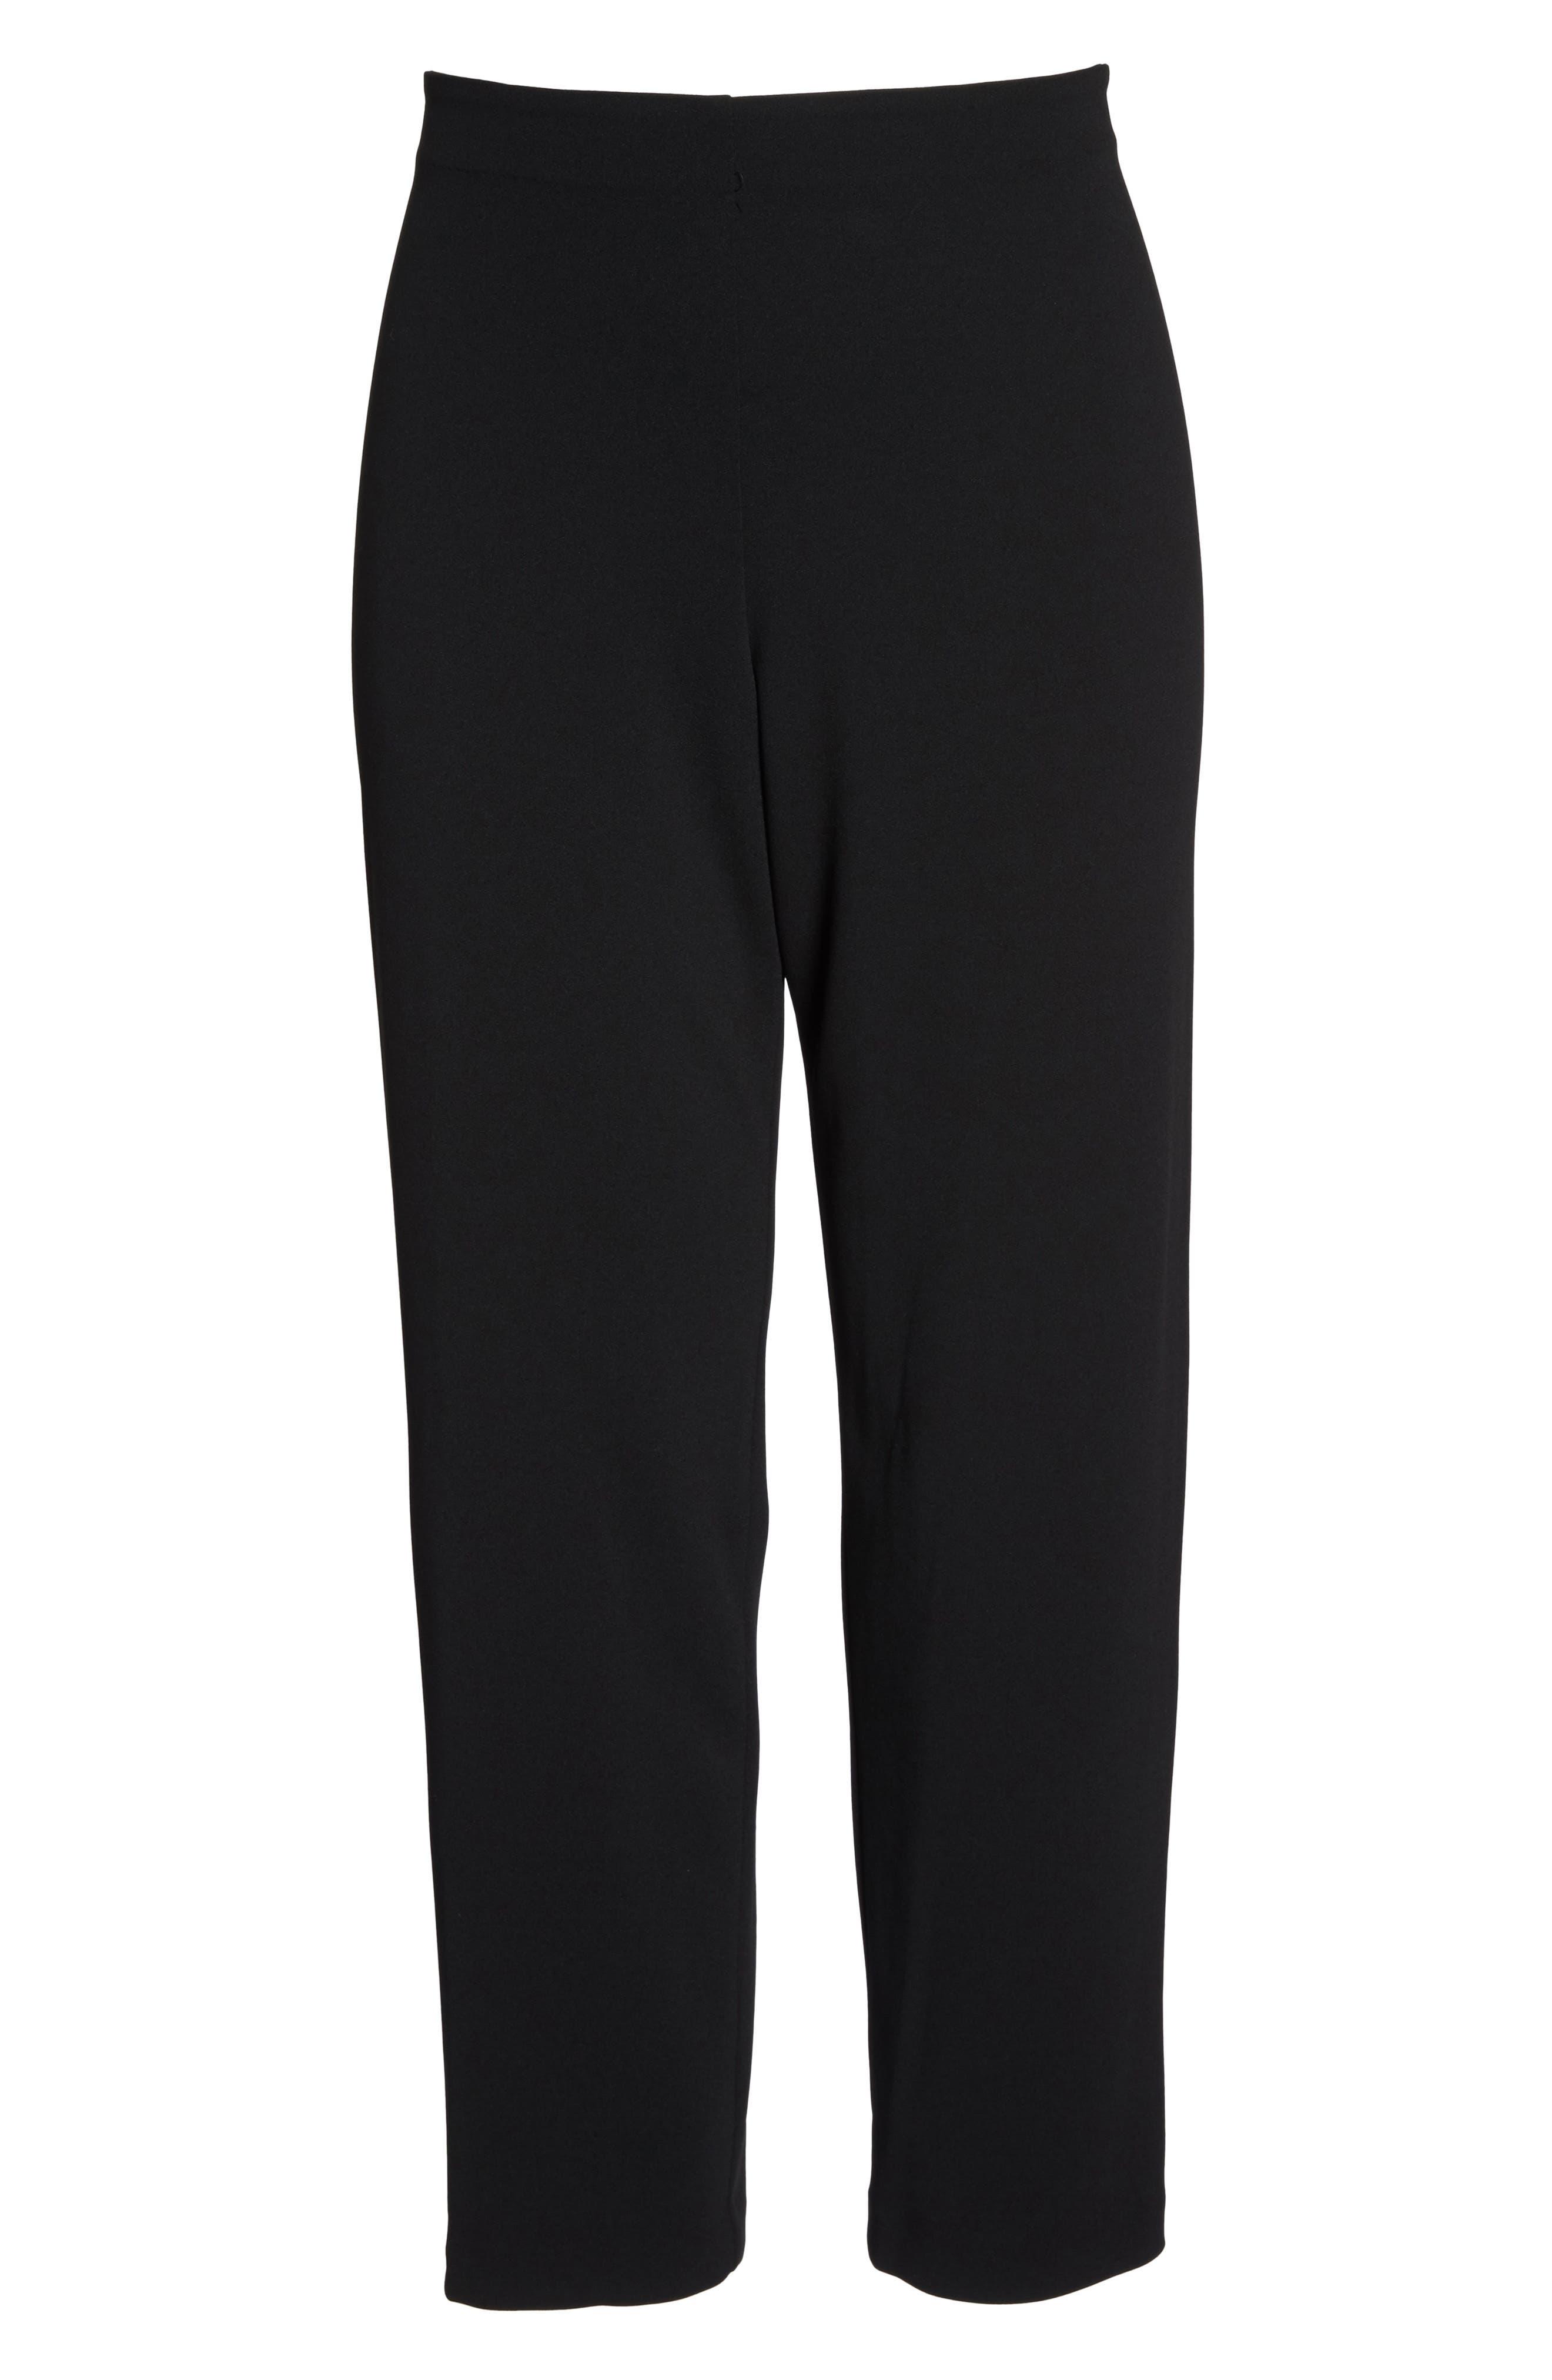 Slim Leg Pants,                             Alternate thumbnail 6, color,                             BLACK